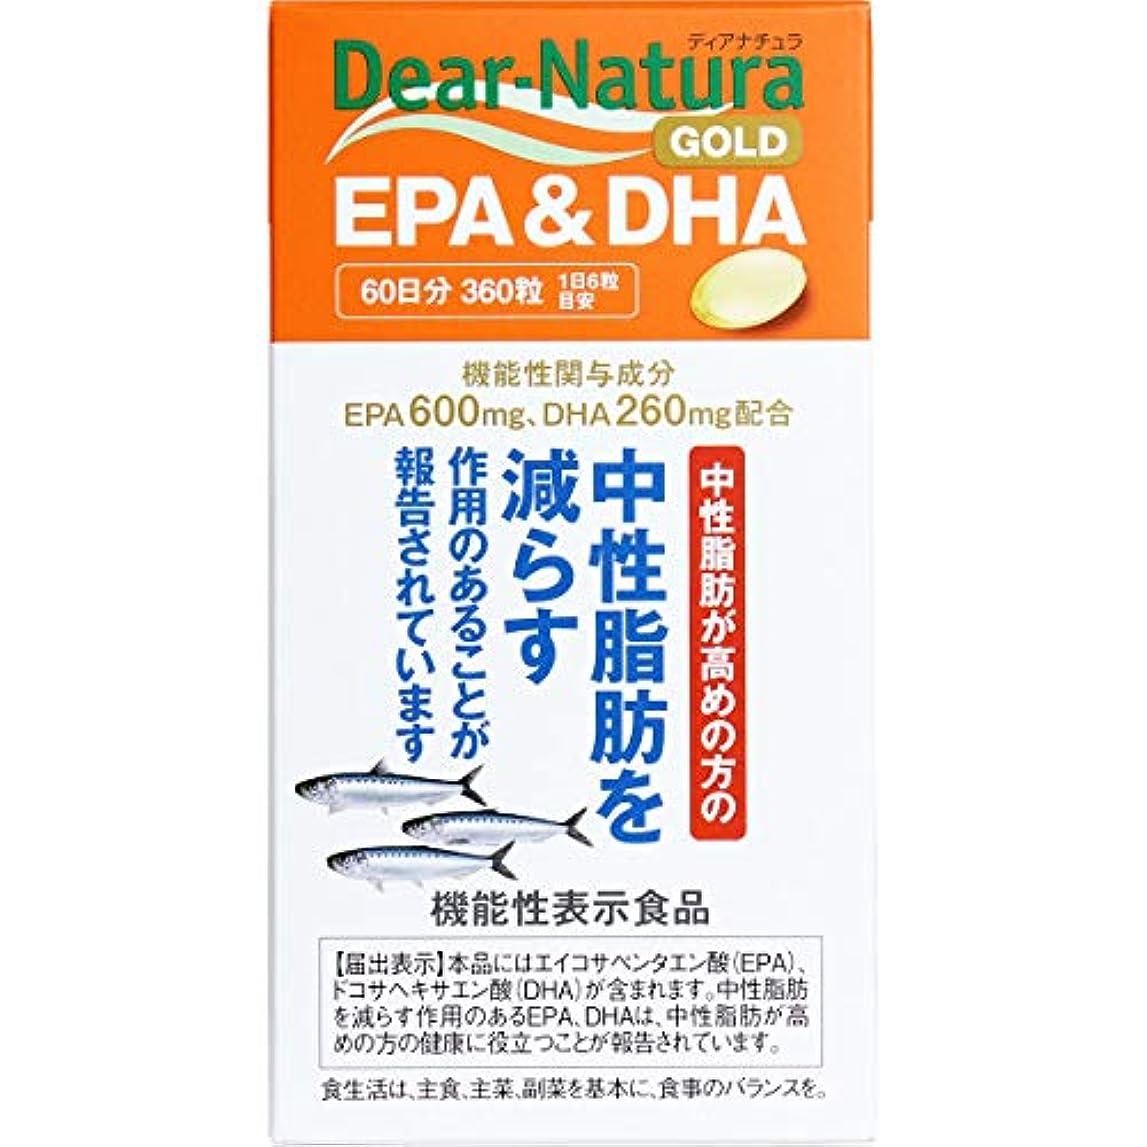 魚迅速悪いディアナチュラゴールド EPA&DHA 60日分 360粒入×5個セット